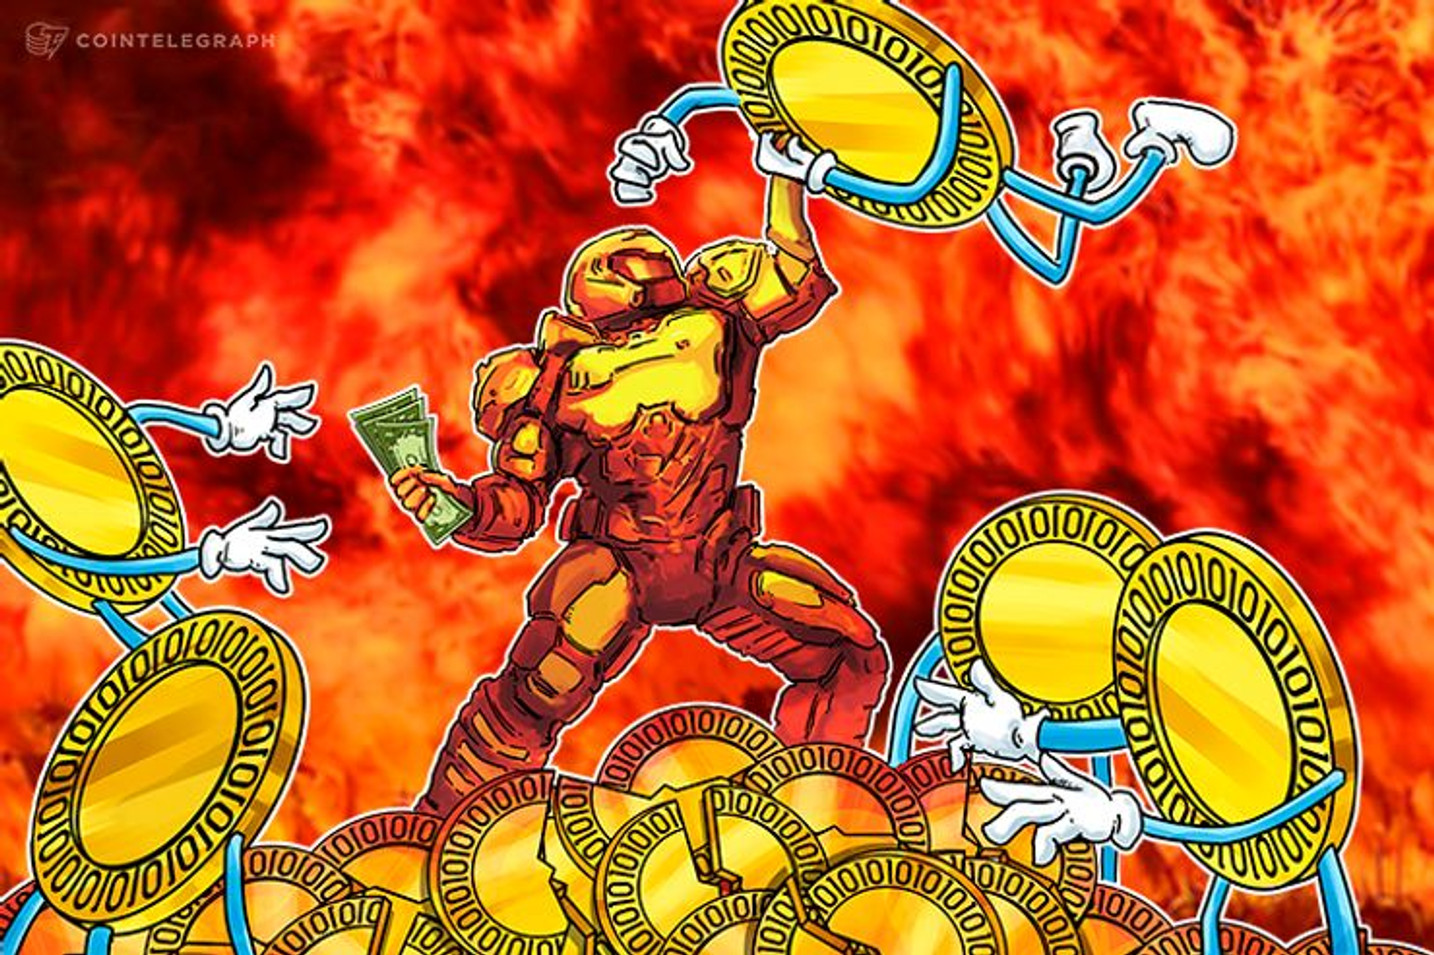 本日も軟調な相場が続くBTC相場、HODL勢からは悲痛な声も 仮想通貨ビットコイン相場市況(12月11日)